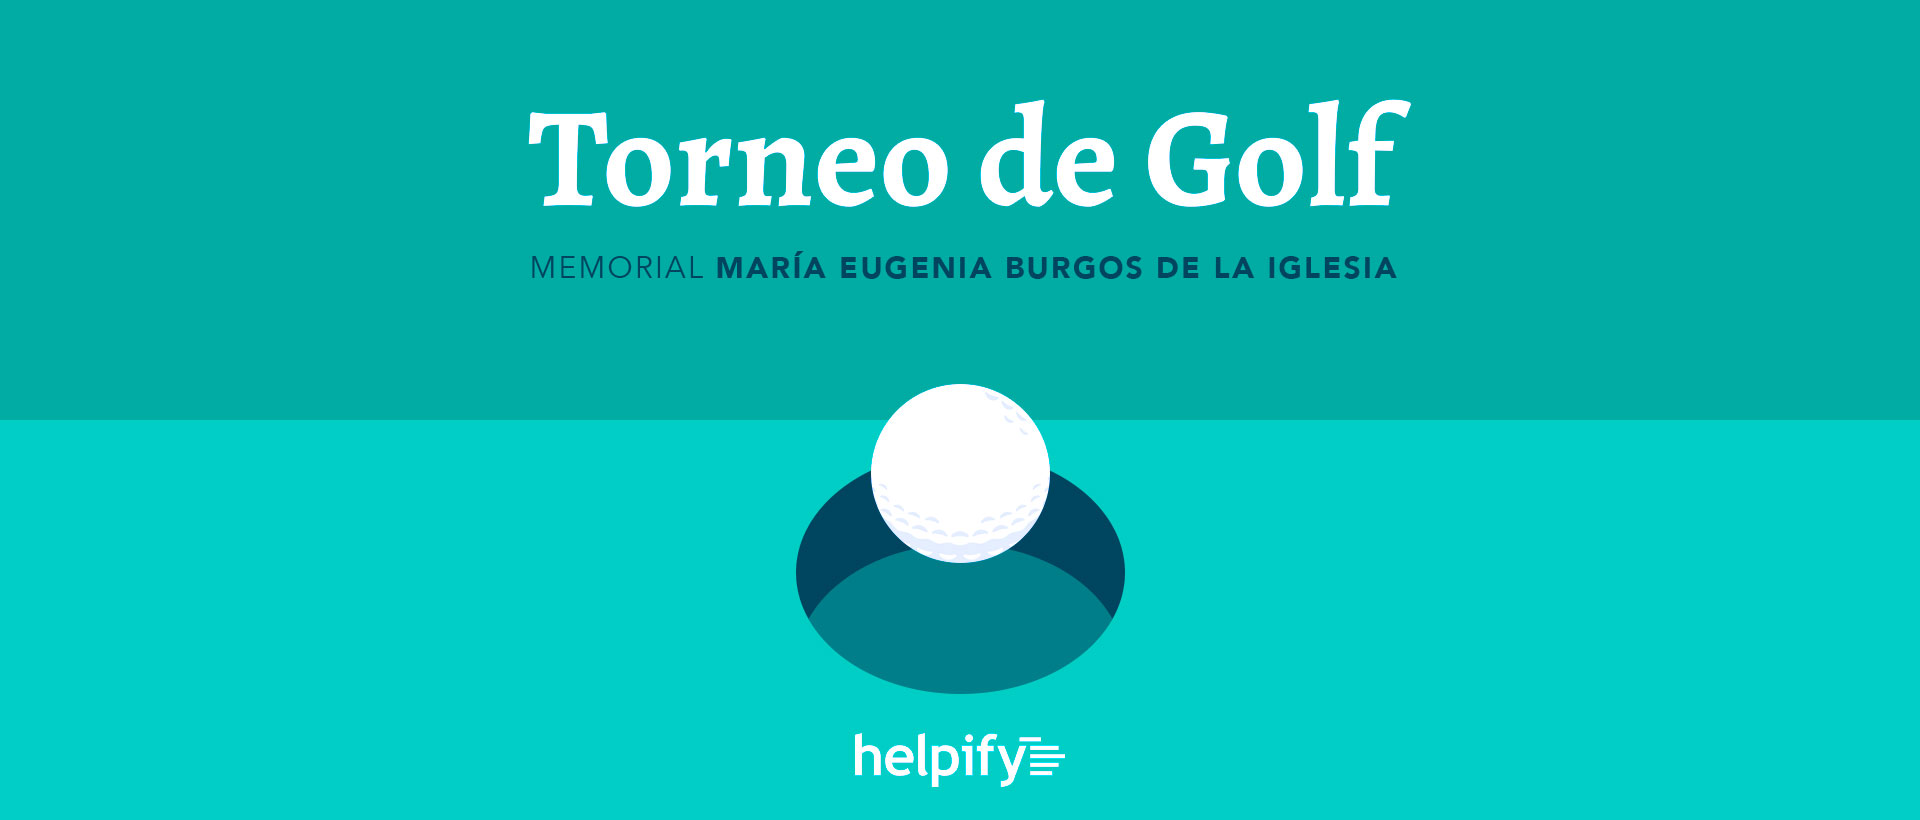 """Torneo de Golf """"Memorial María Eugenia Burgos de la Iglesia"""""""